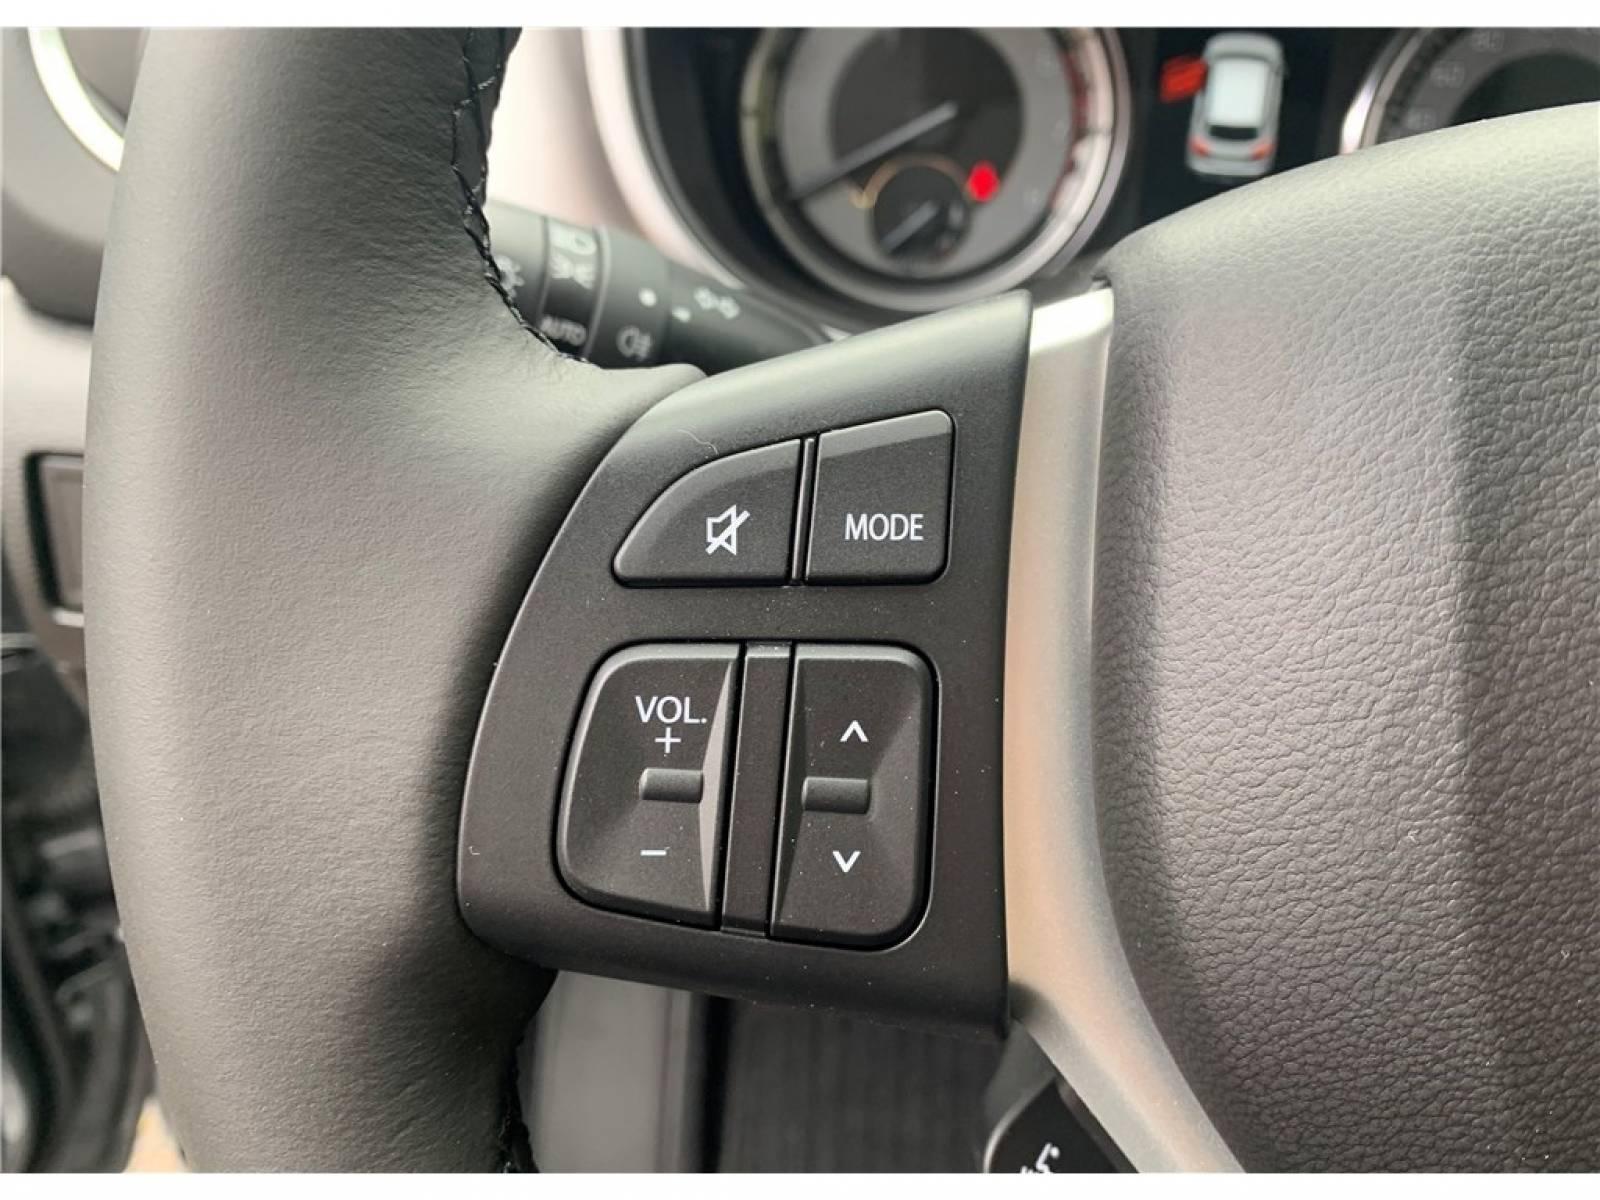 SUZUKI Vitara 1.4 Boosterjet Allgrip Hybrid - véhicule d'occasion - Groupe Guillet - Hall de l'automobile - Montceau les Mines - 71300 - Montceau-les-Mines - 34